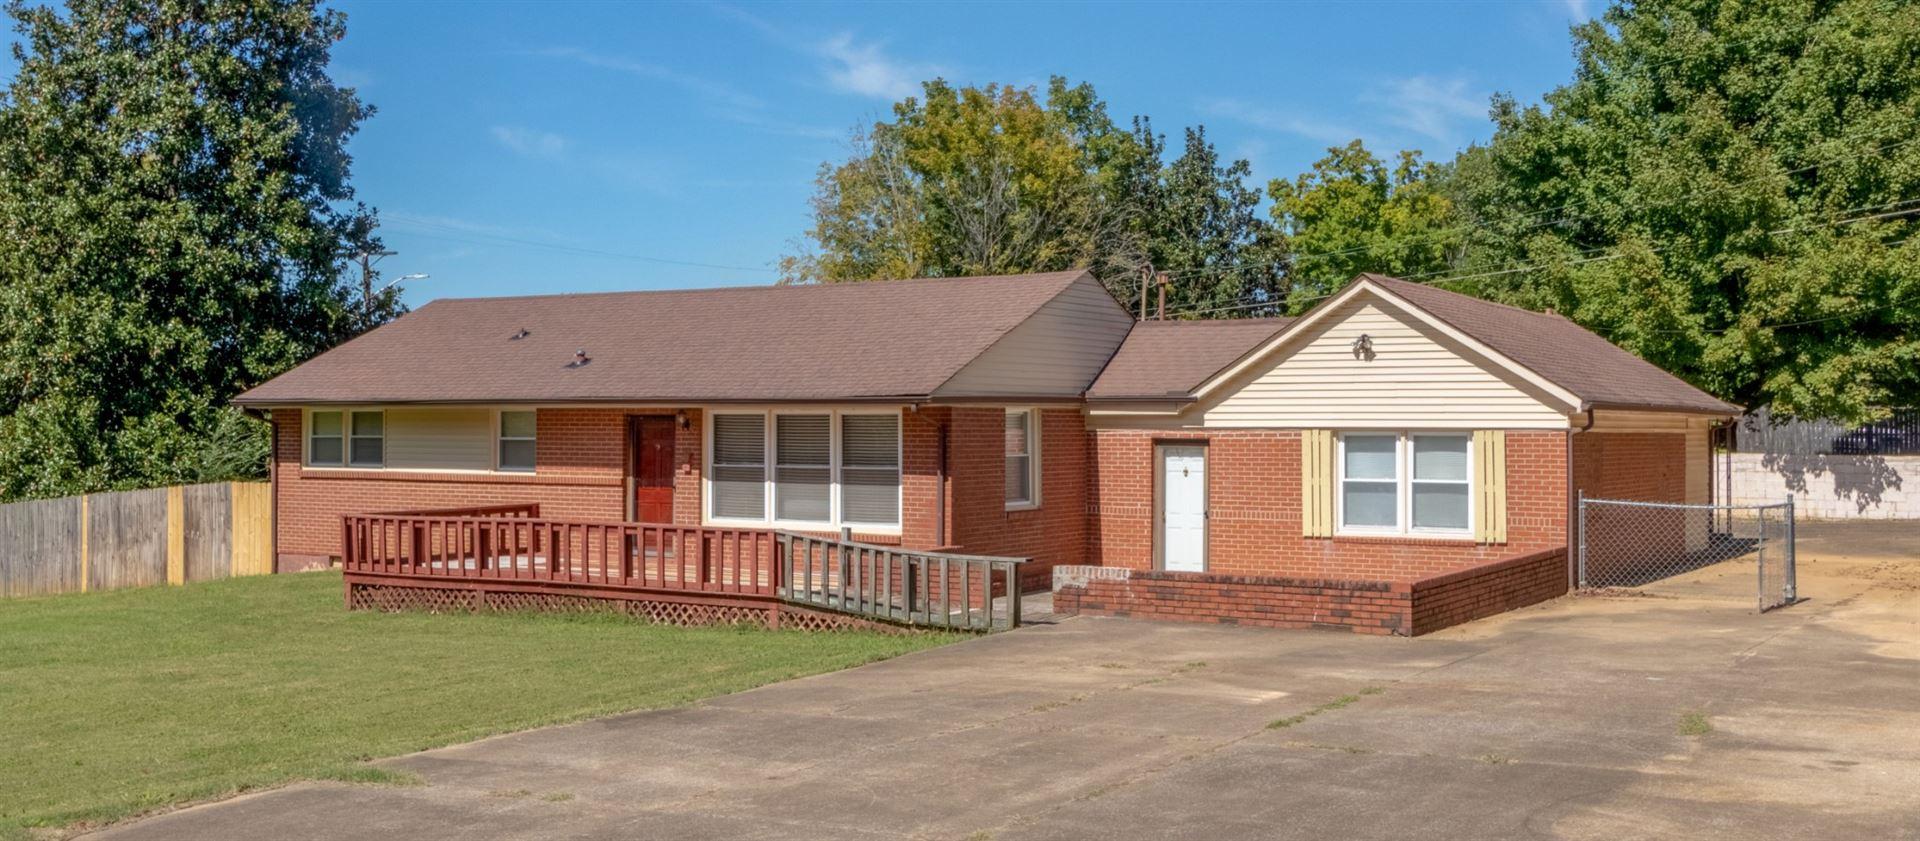 1011 Davidson Dr, Clarksville, TN 37040 - MLS#: 2295322